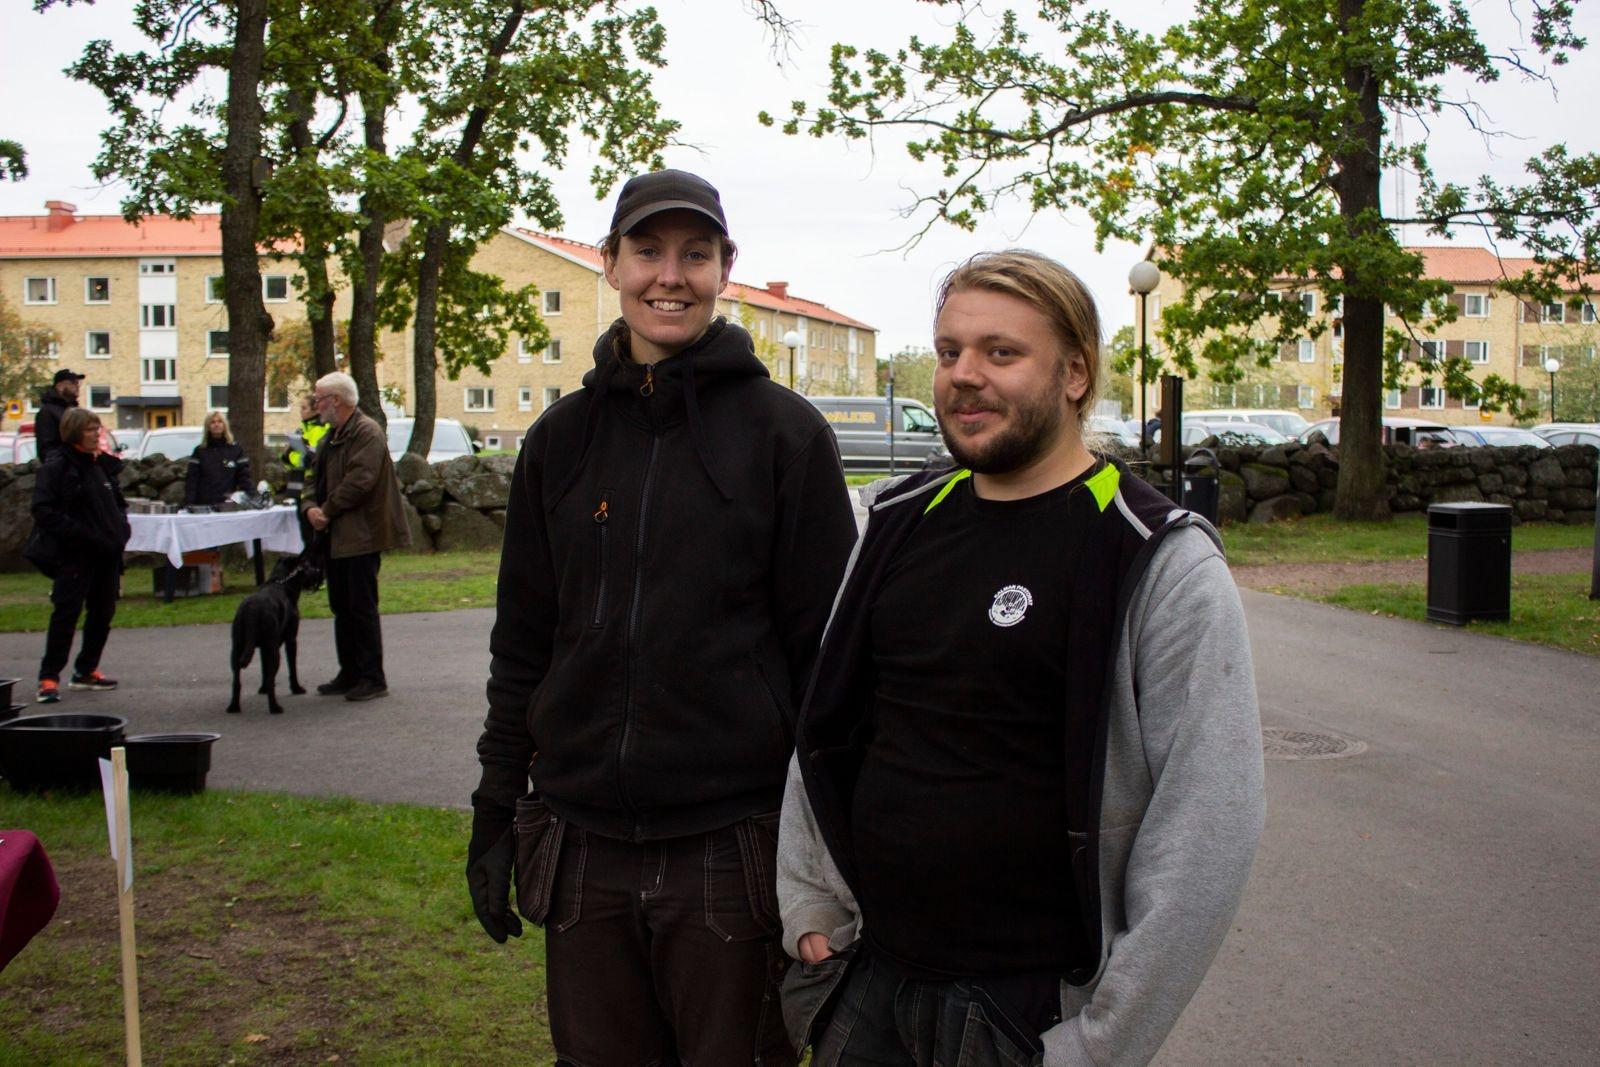 Maria Alfredsson och Kristoffer Svensson jobbar som kyrkogårdsarbetare och har hjälpt till att anordna mässan. Mässor hör inte till de vanliga arbetsuppgifterna, så de tyckte det var kul att testa något nytt.